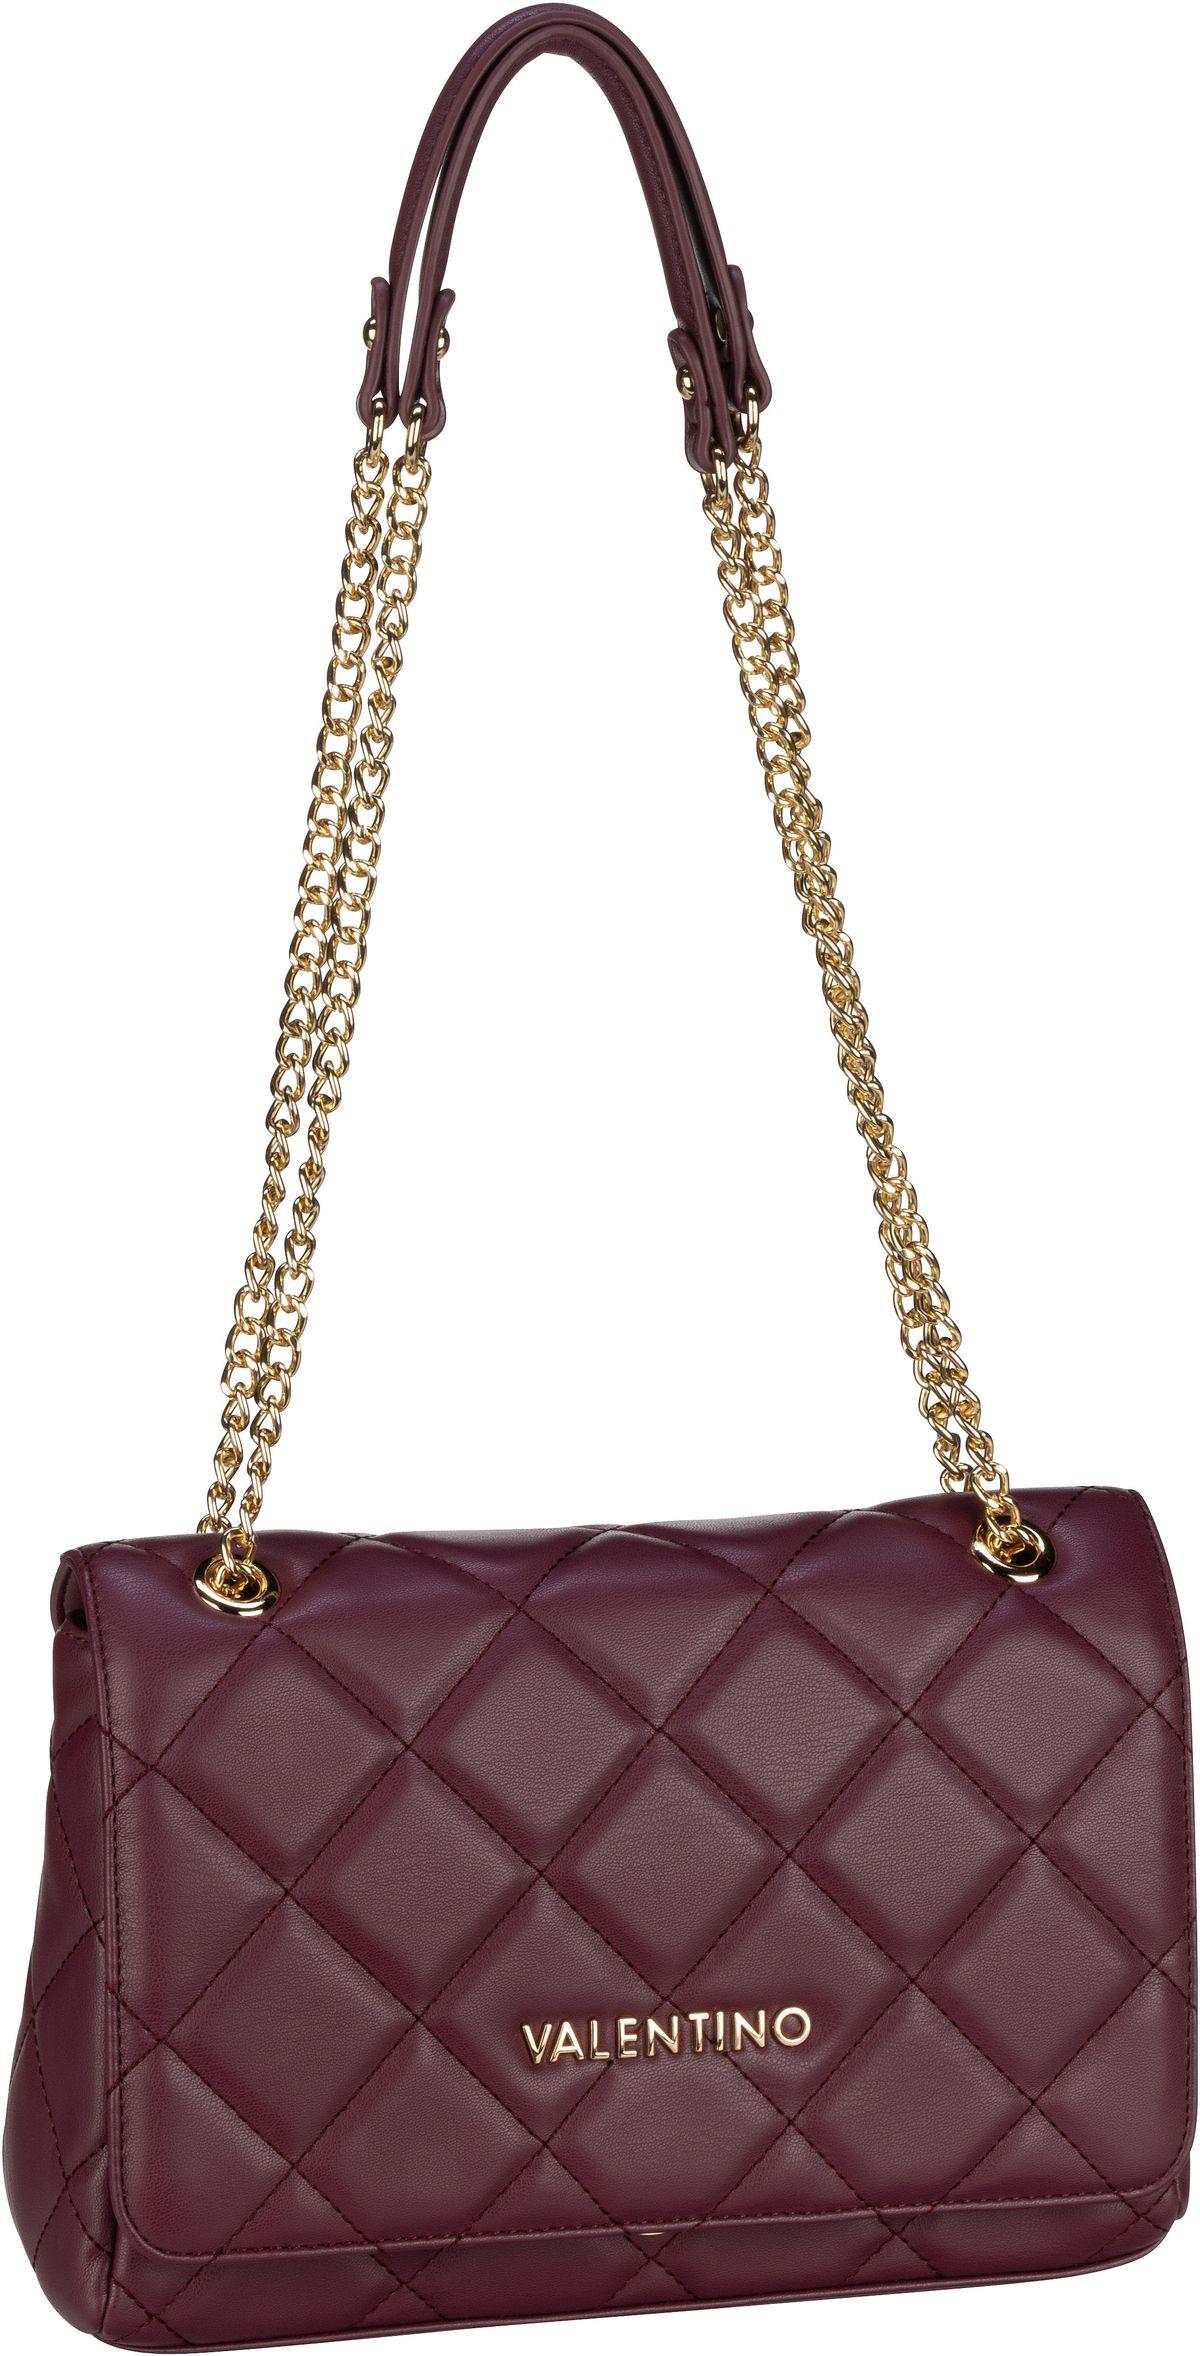 Bags Handtasche Ocarina Pattina K02 Vino